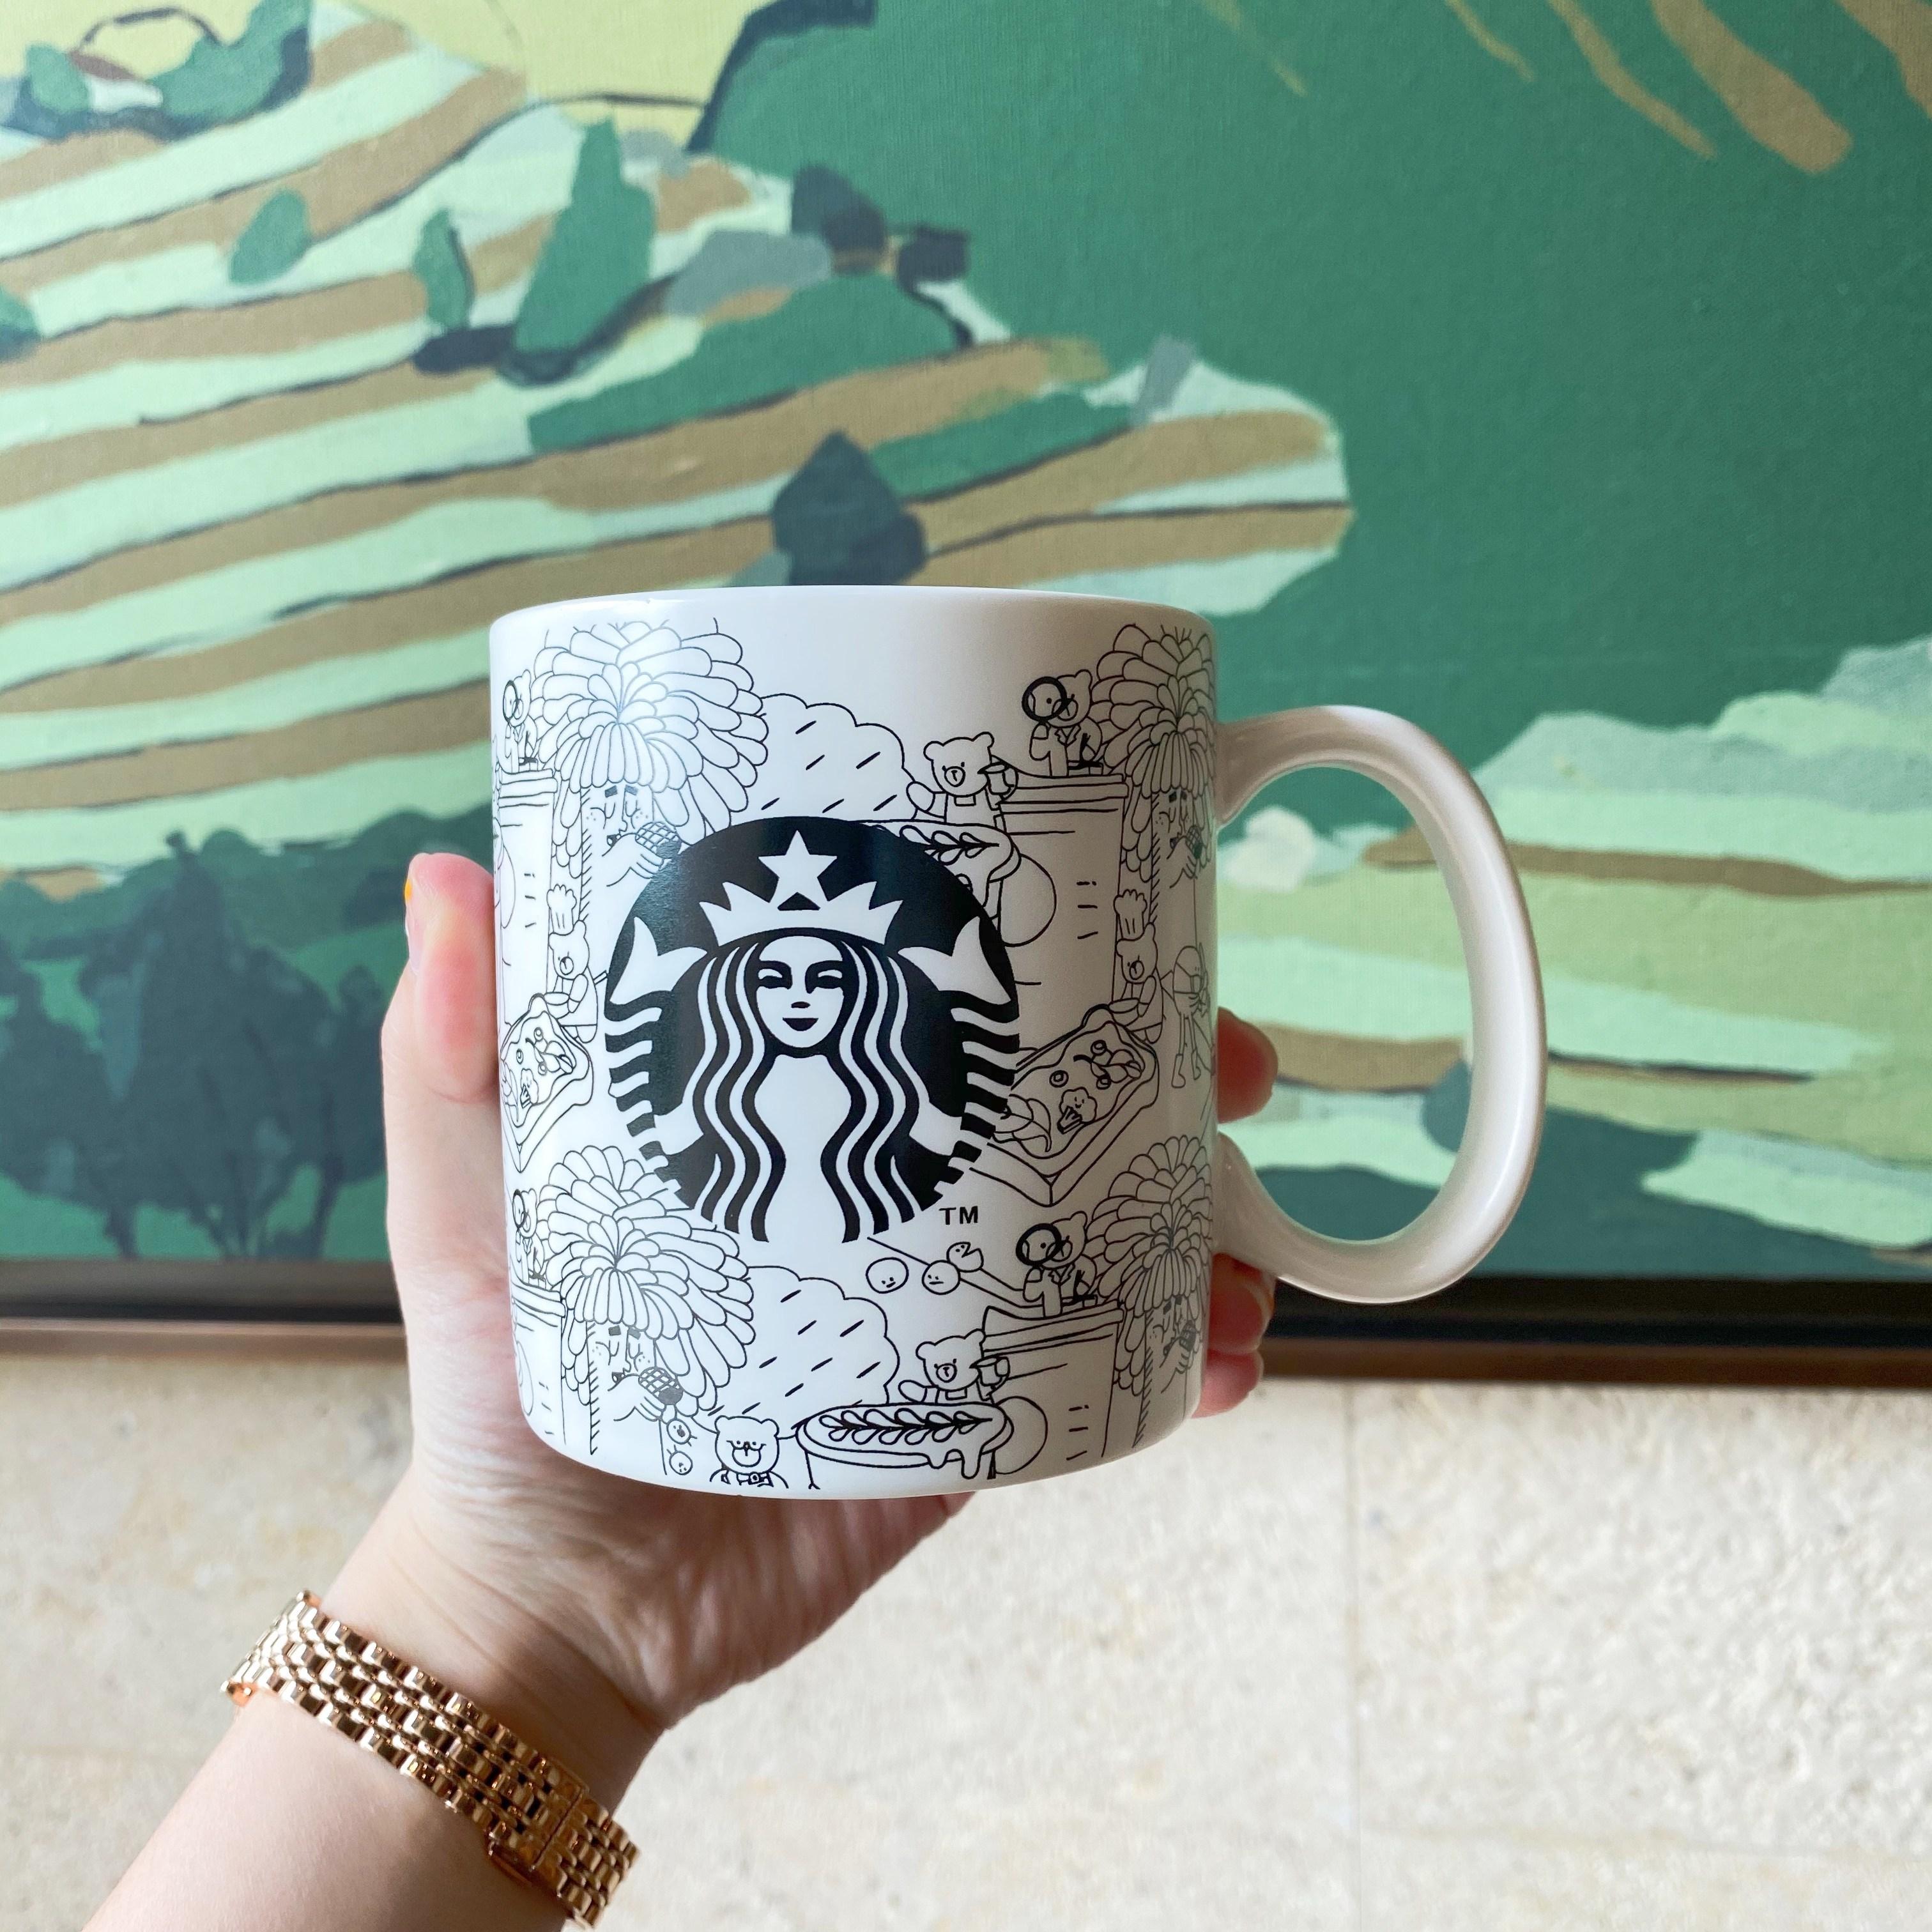 2020년 스타벅스 벚꽃MD 황동사이렌 머그컵 찻잔 커피컵 물컵 선물, 커피 머그컵 473ml